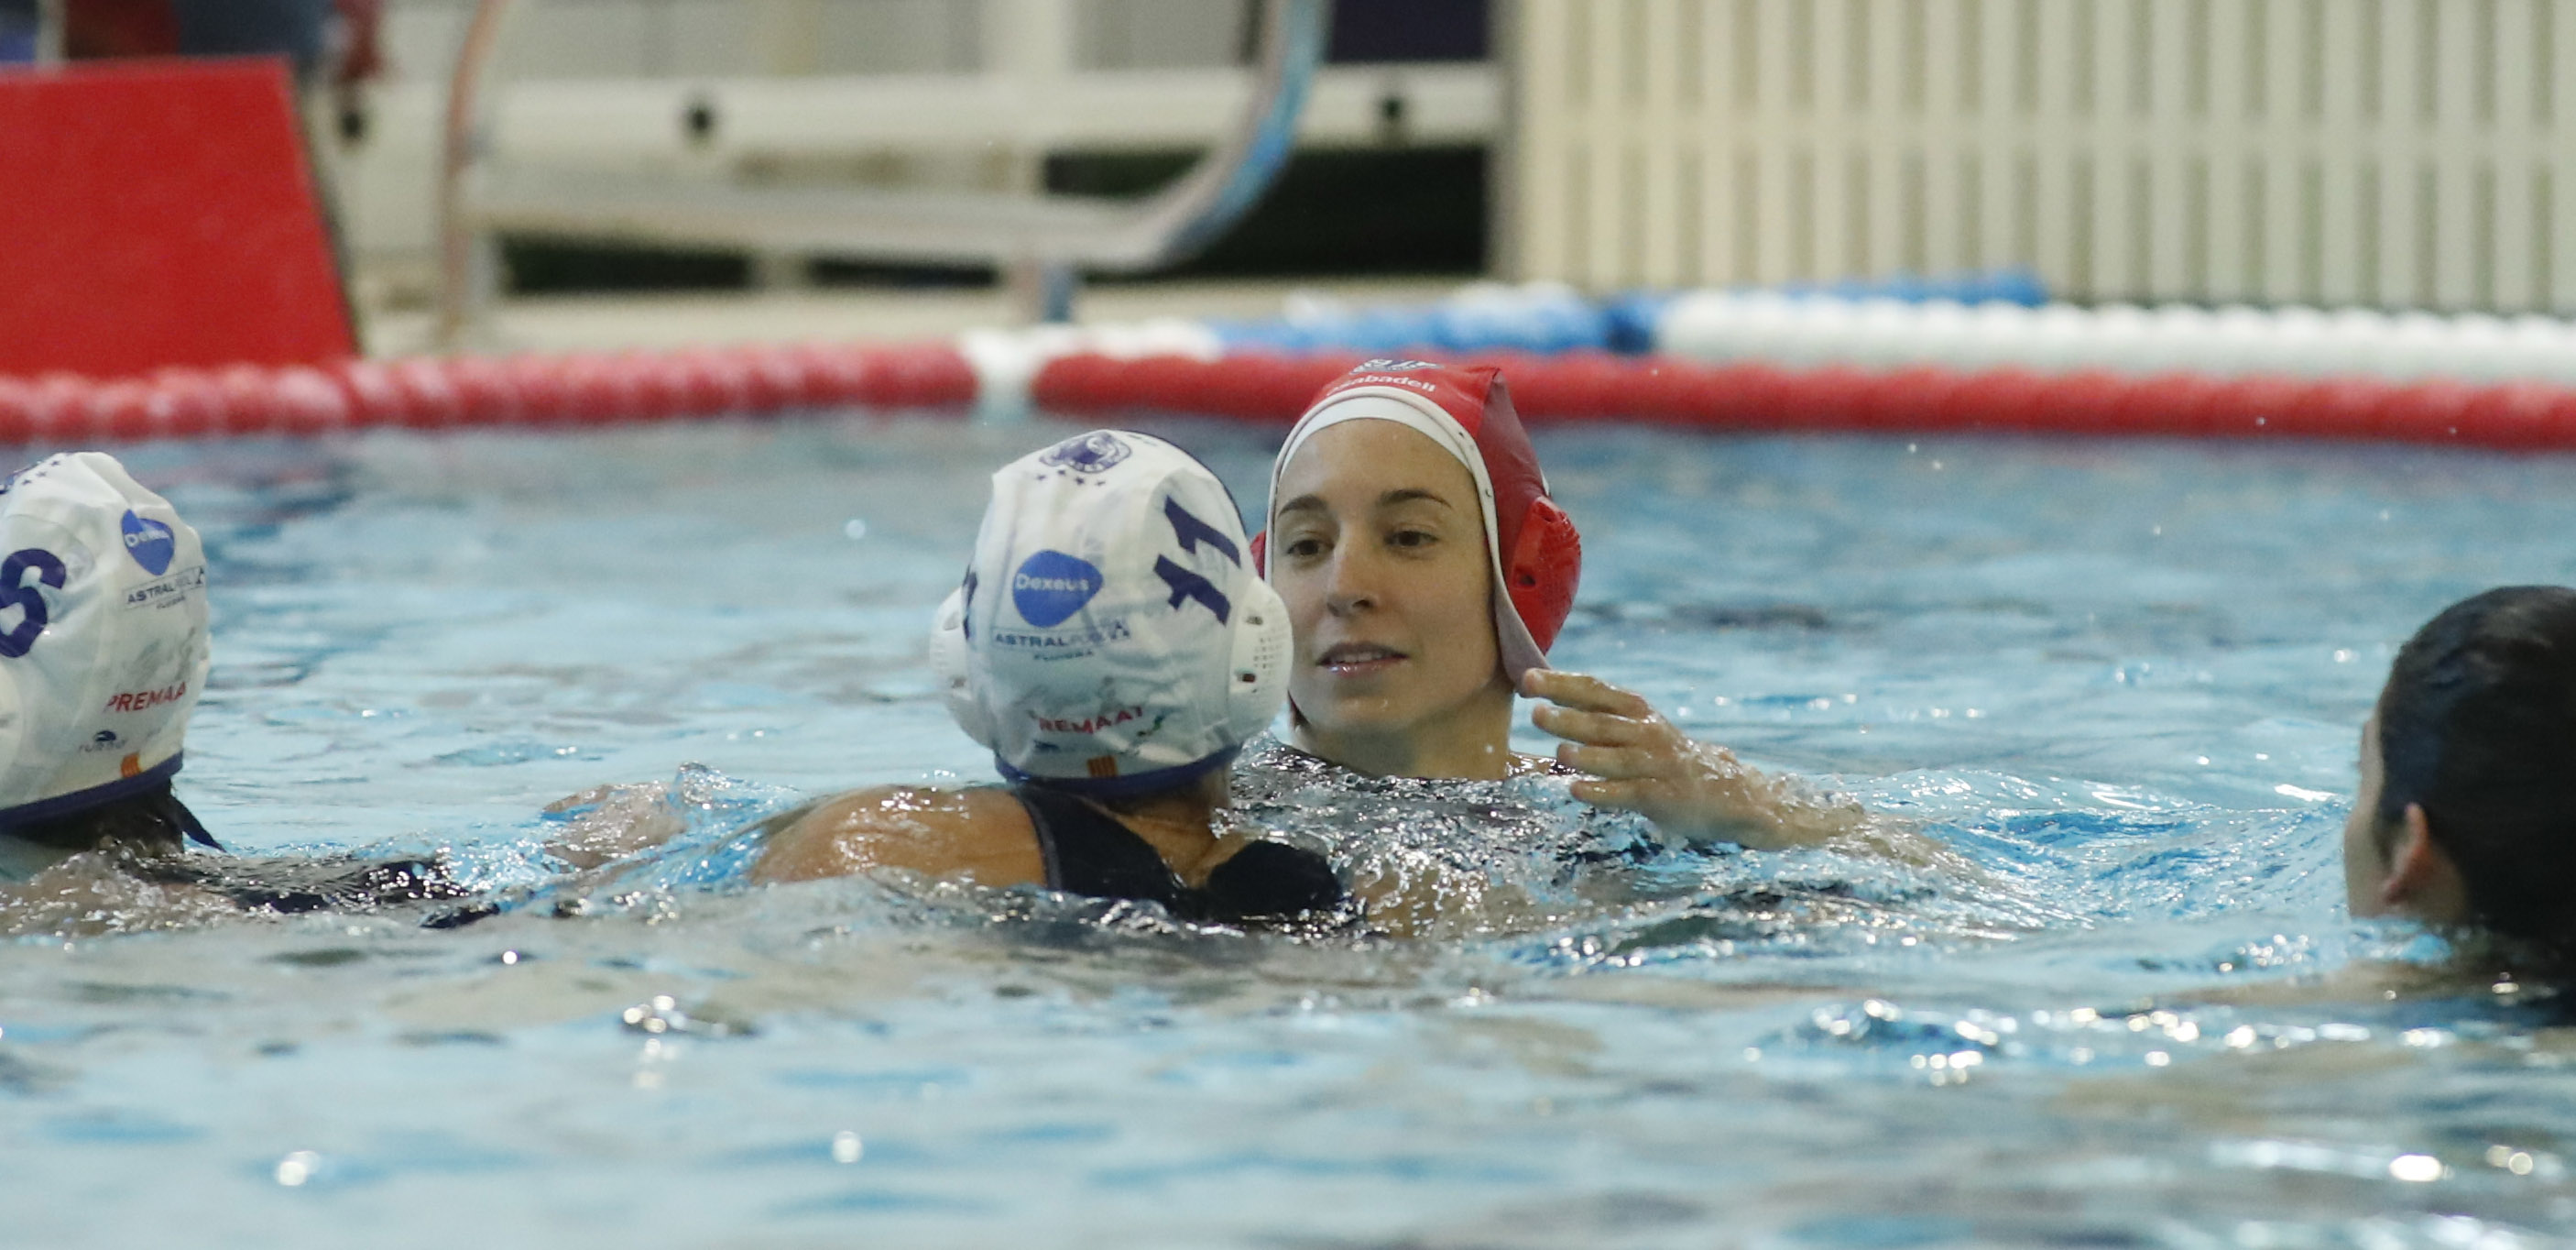 Ester, en la piscina tras un partido. Foto: RFEN/Jordi López.